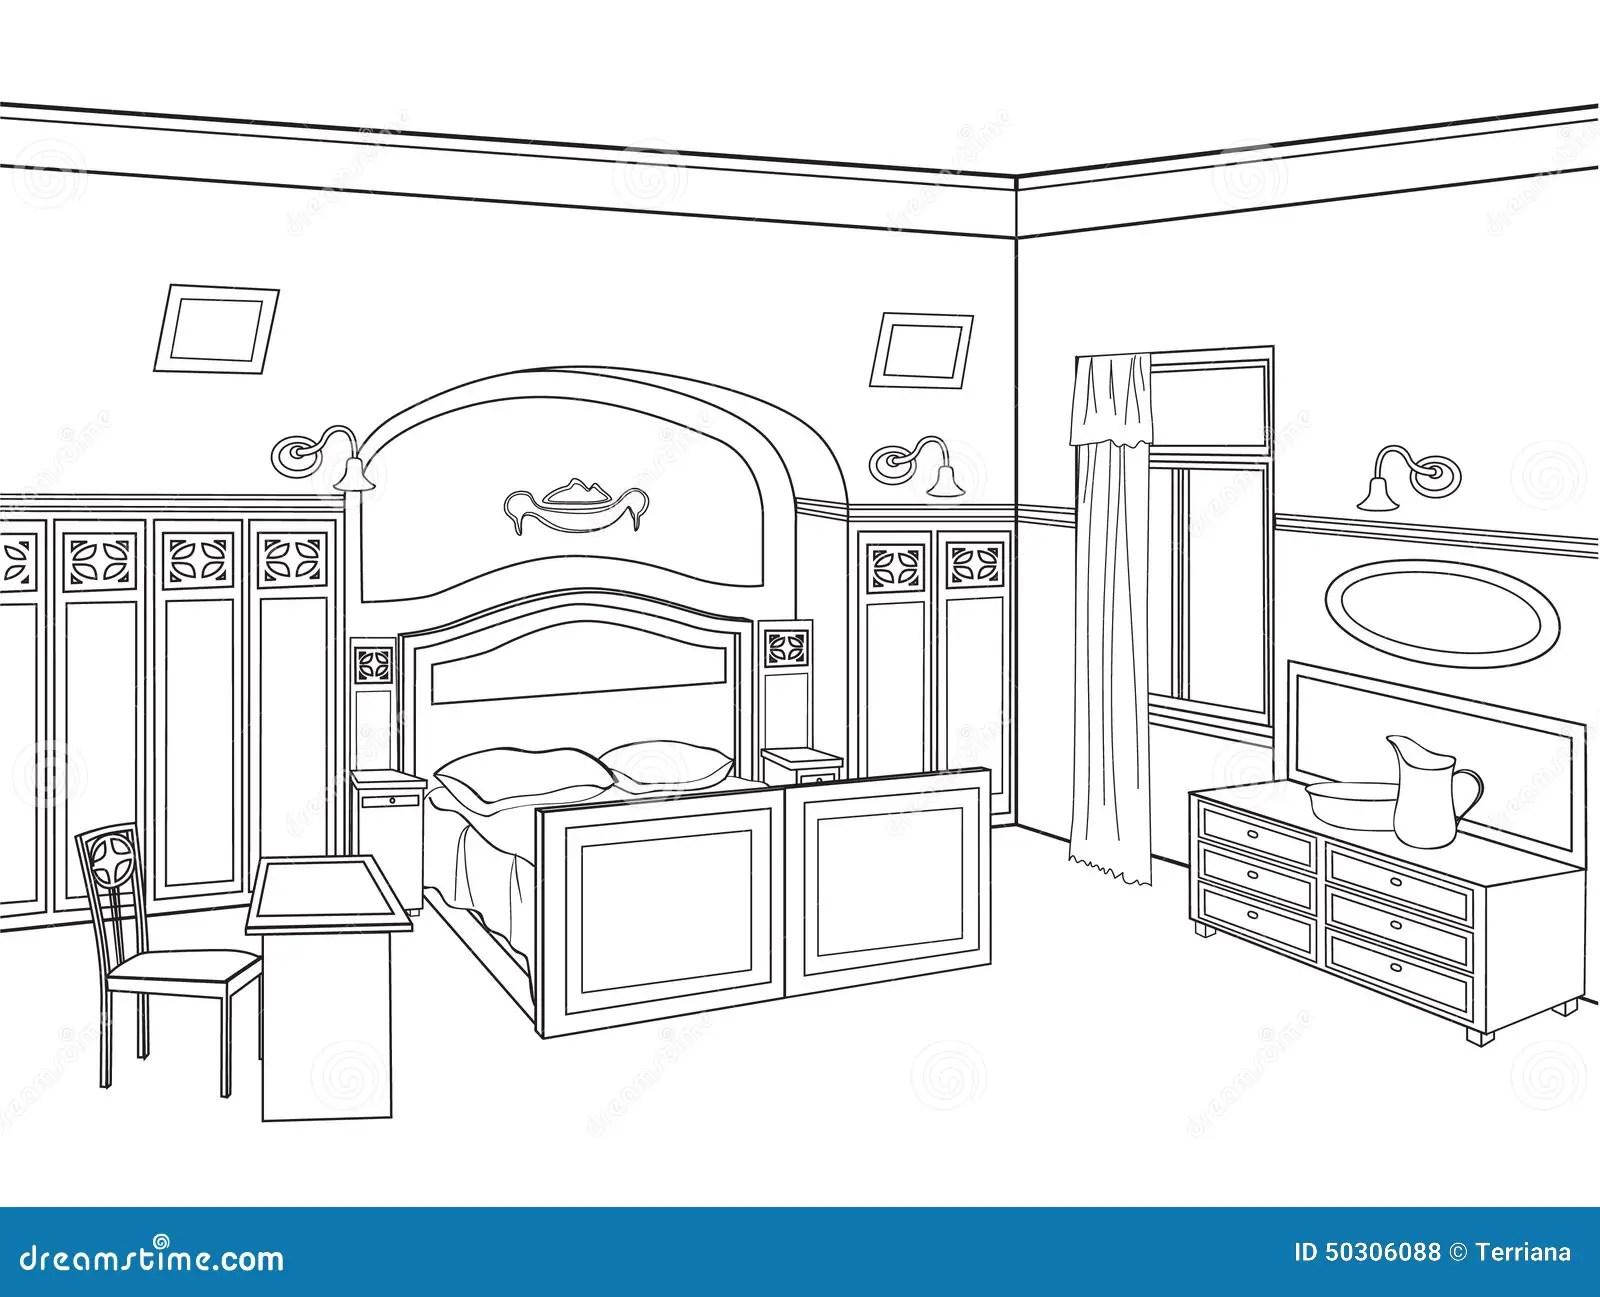 Bedroom Furniture Editable Illustration Of An Outline Sk